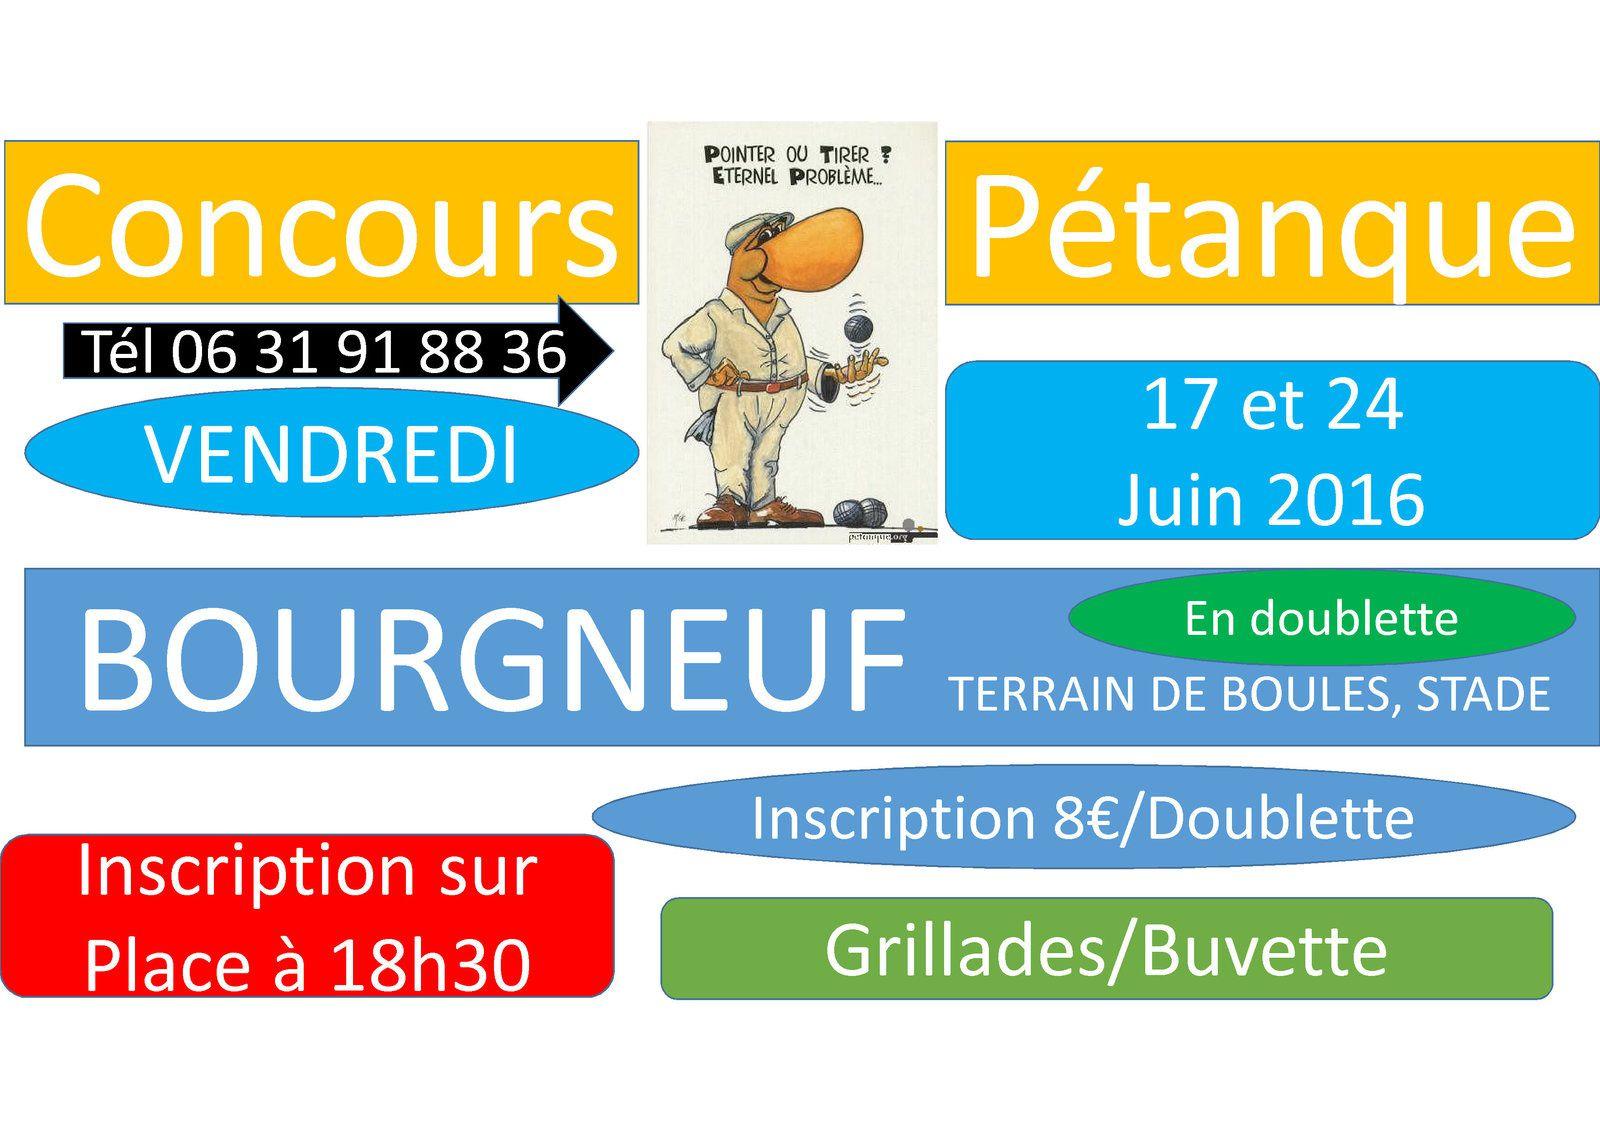 CONCOURS DE PETANQUE A BOURGNEUF !!!